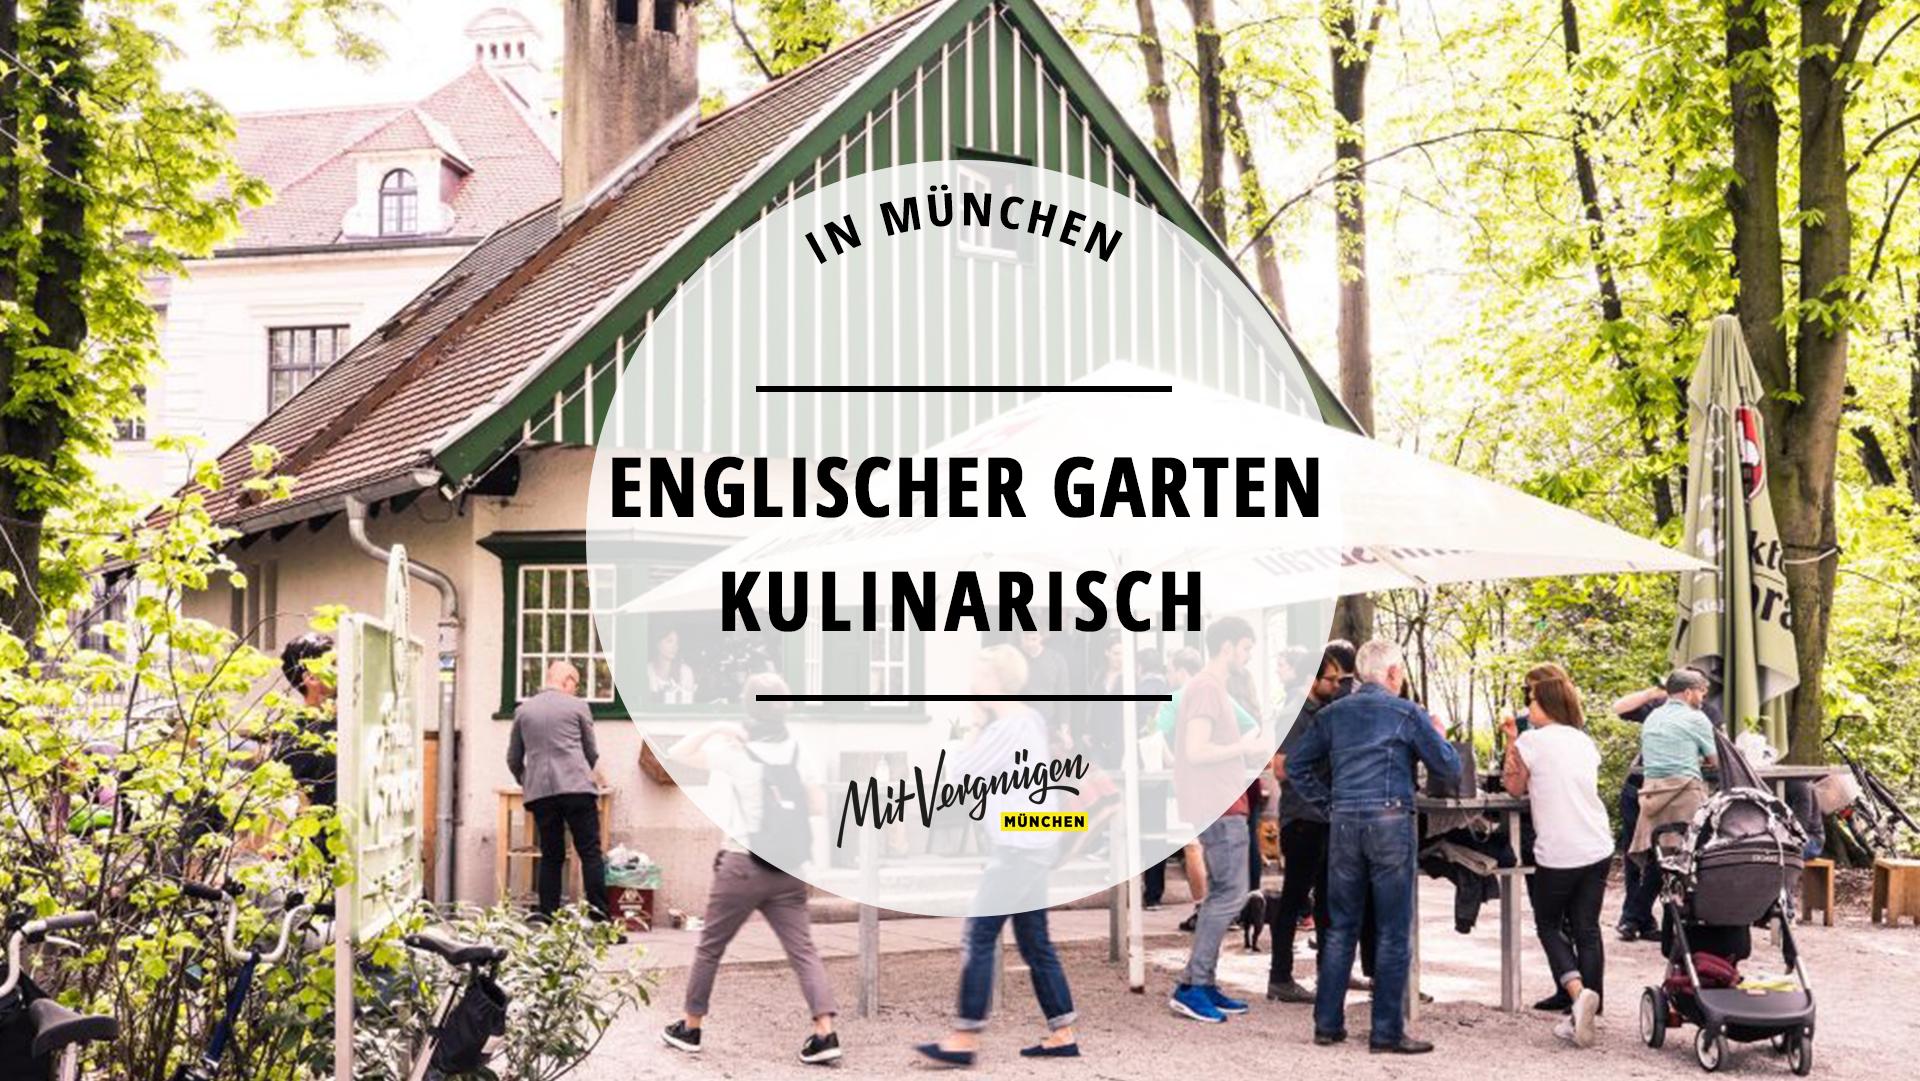 11 Gute Bars Cafes Und Biergarten Im Und Um Den Englischen Garten Mit Vergnugen Munchen